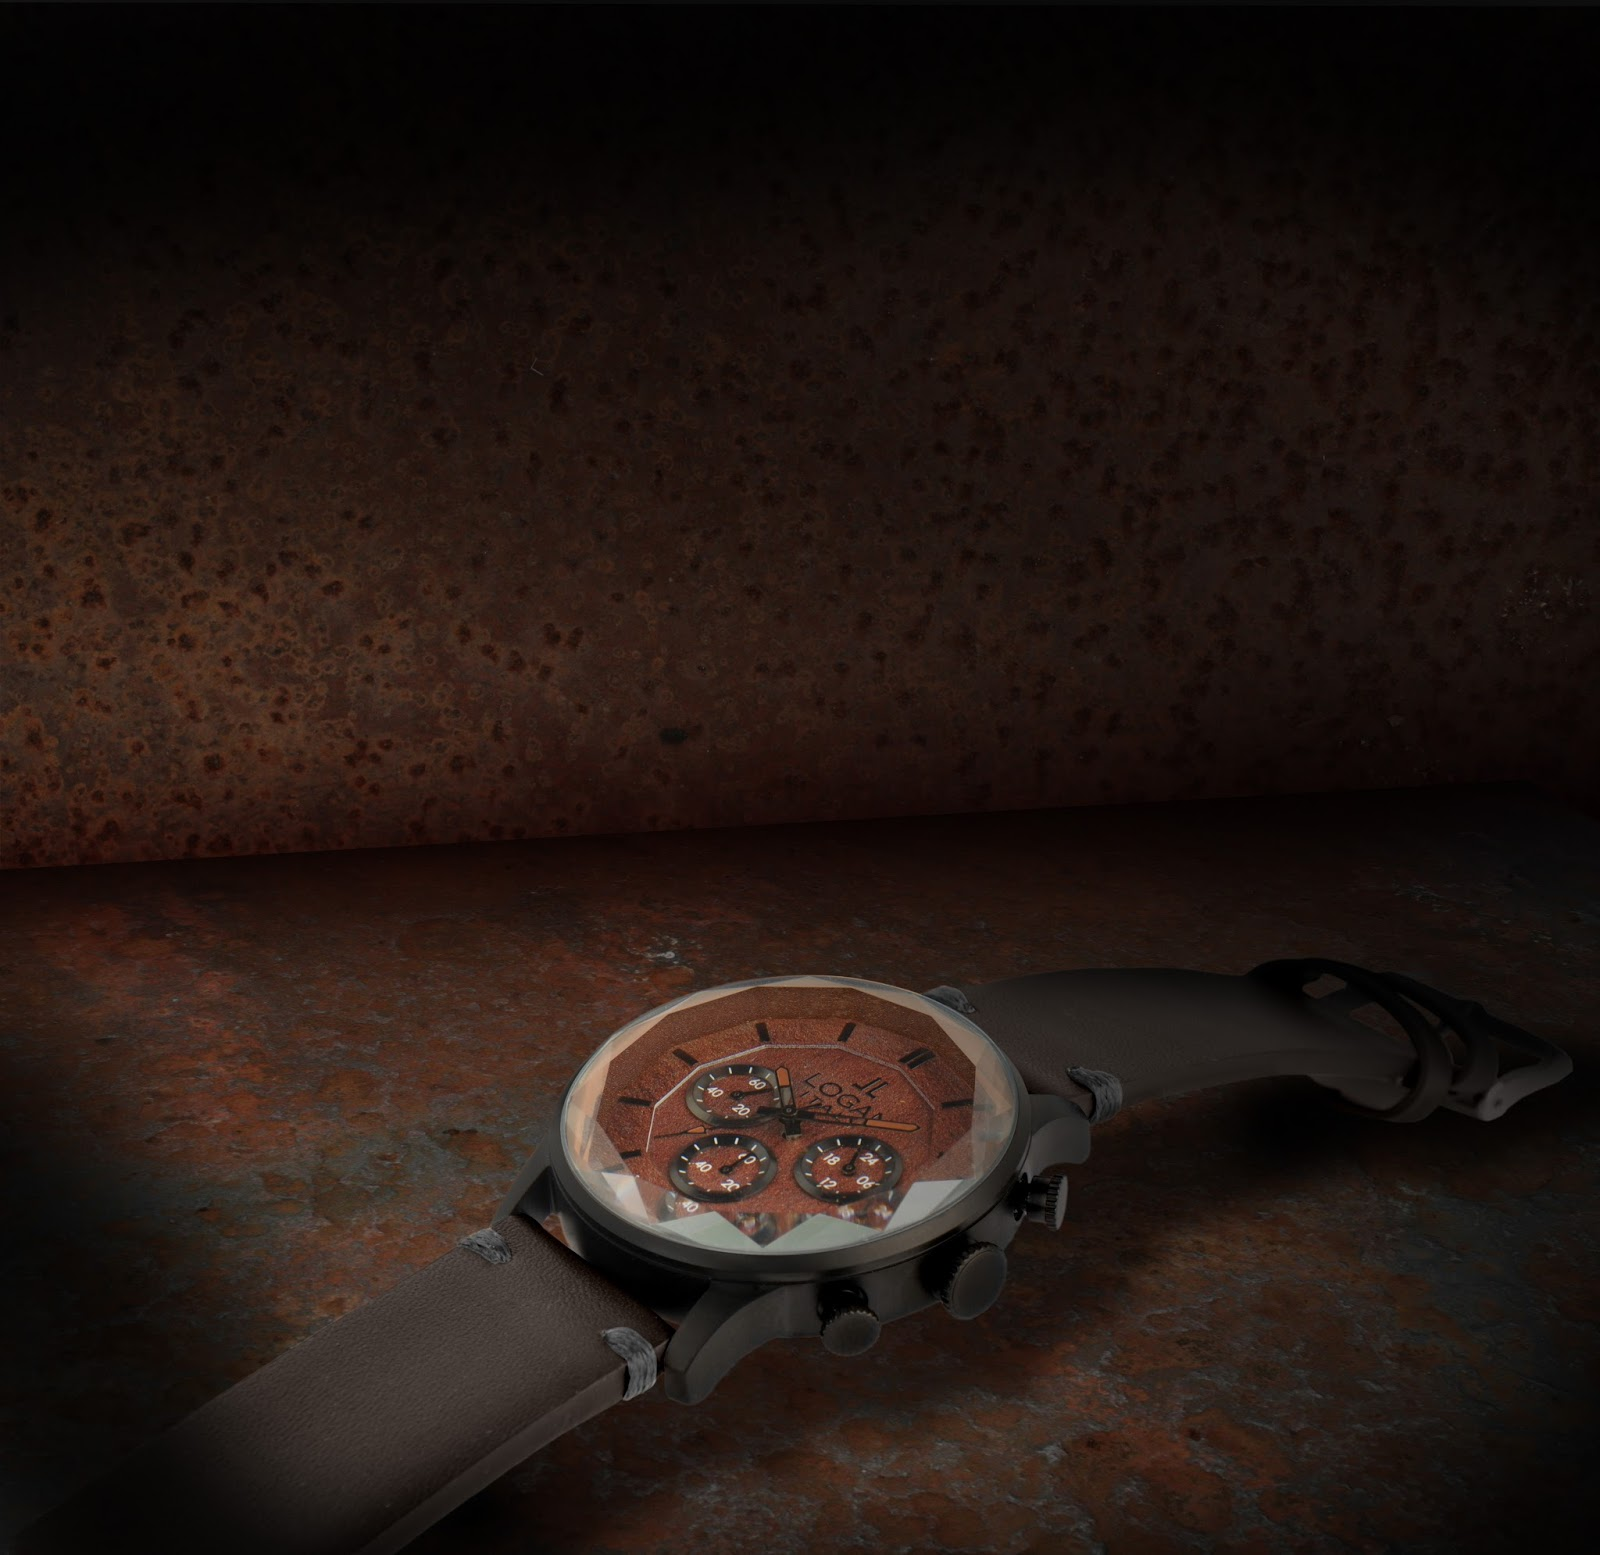 orologi/o da polso per uomo/donna